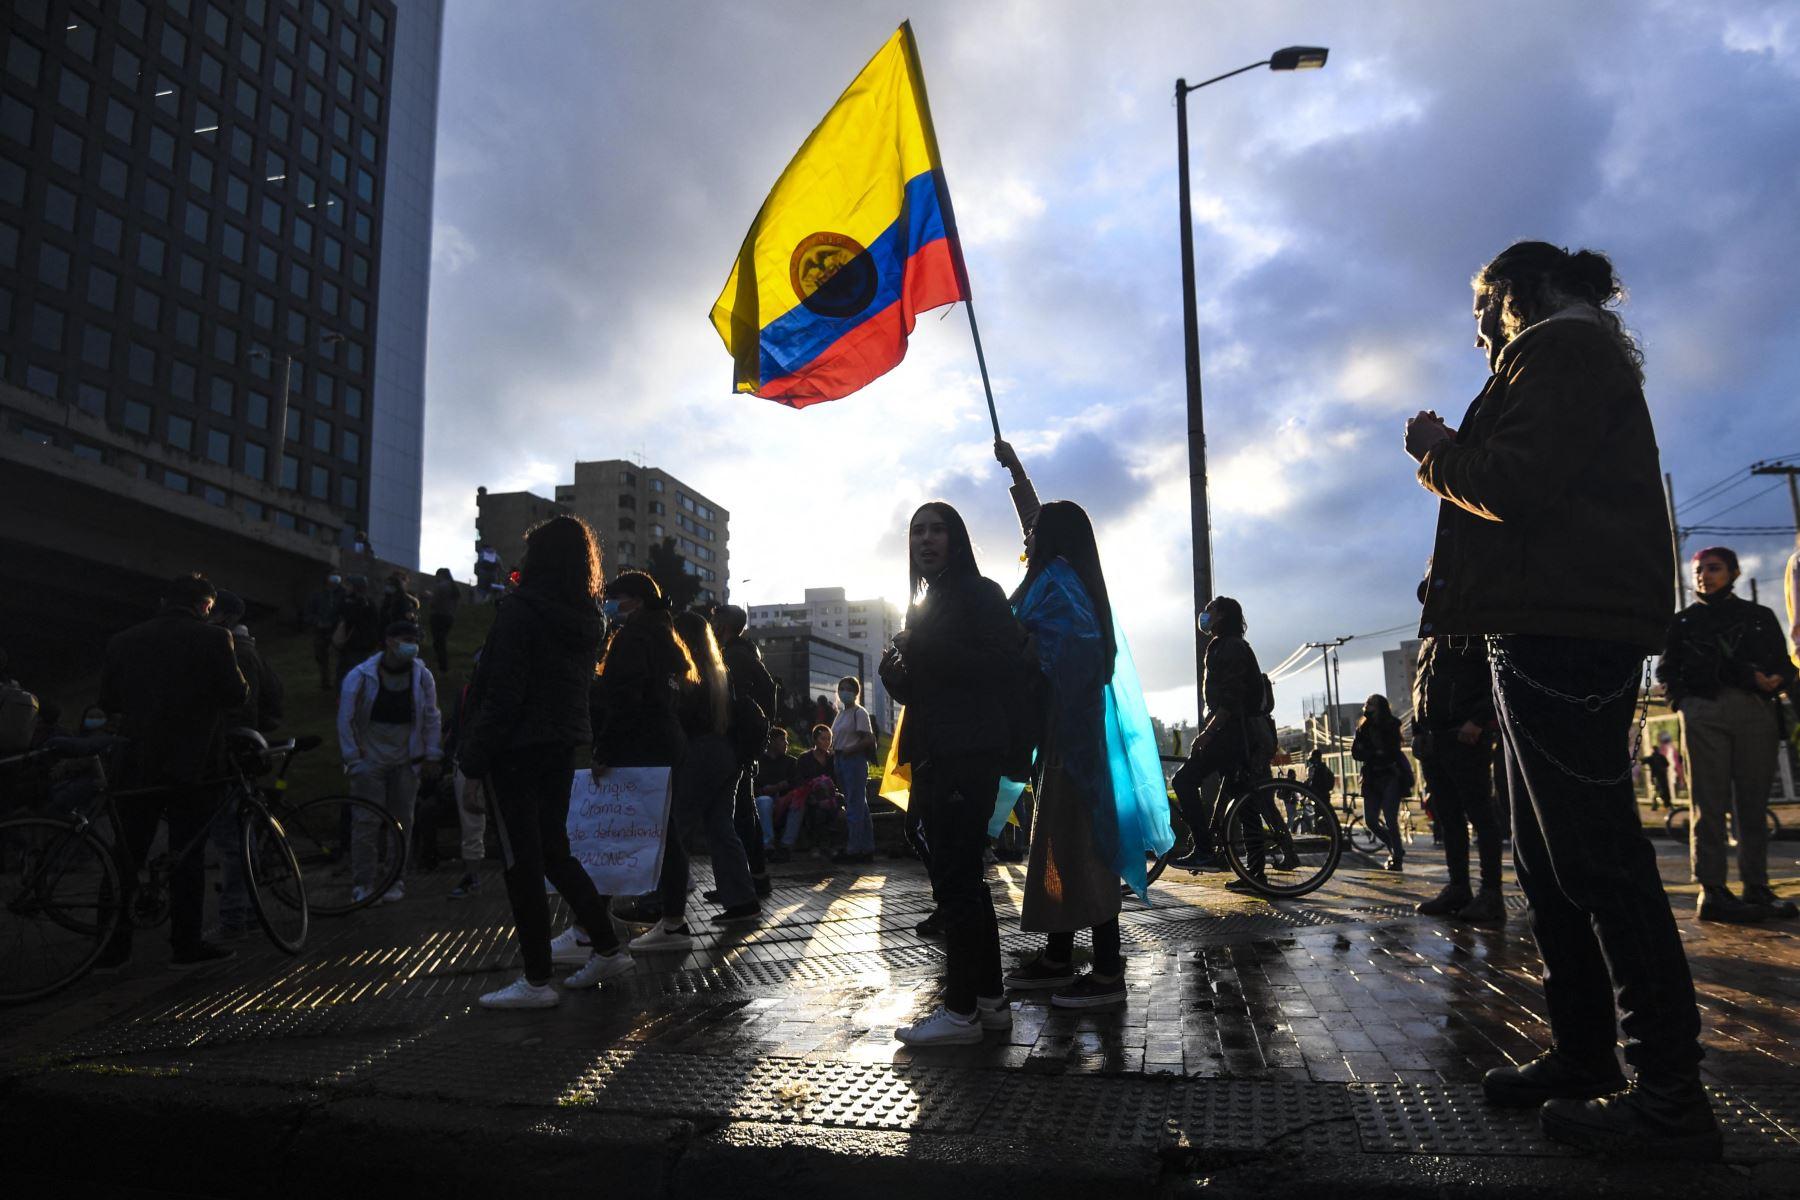 Una mujer ondea una bandera nacional de Colombia durante una protesta contra una reforma fiscal propuesta por el gobierno del presidente colombiano, Iván Duque, en Bogotá. Foto: AFP.